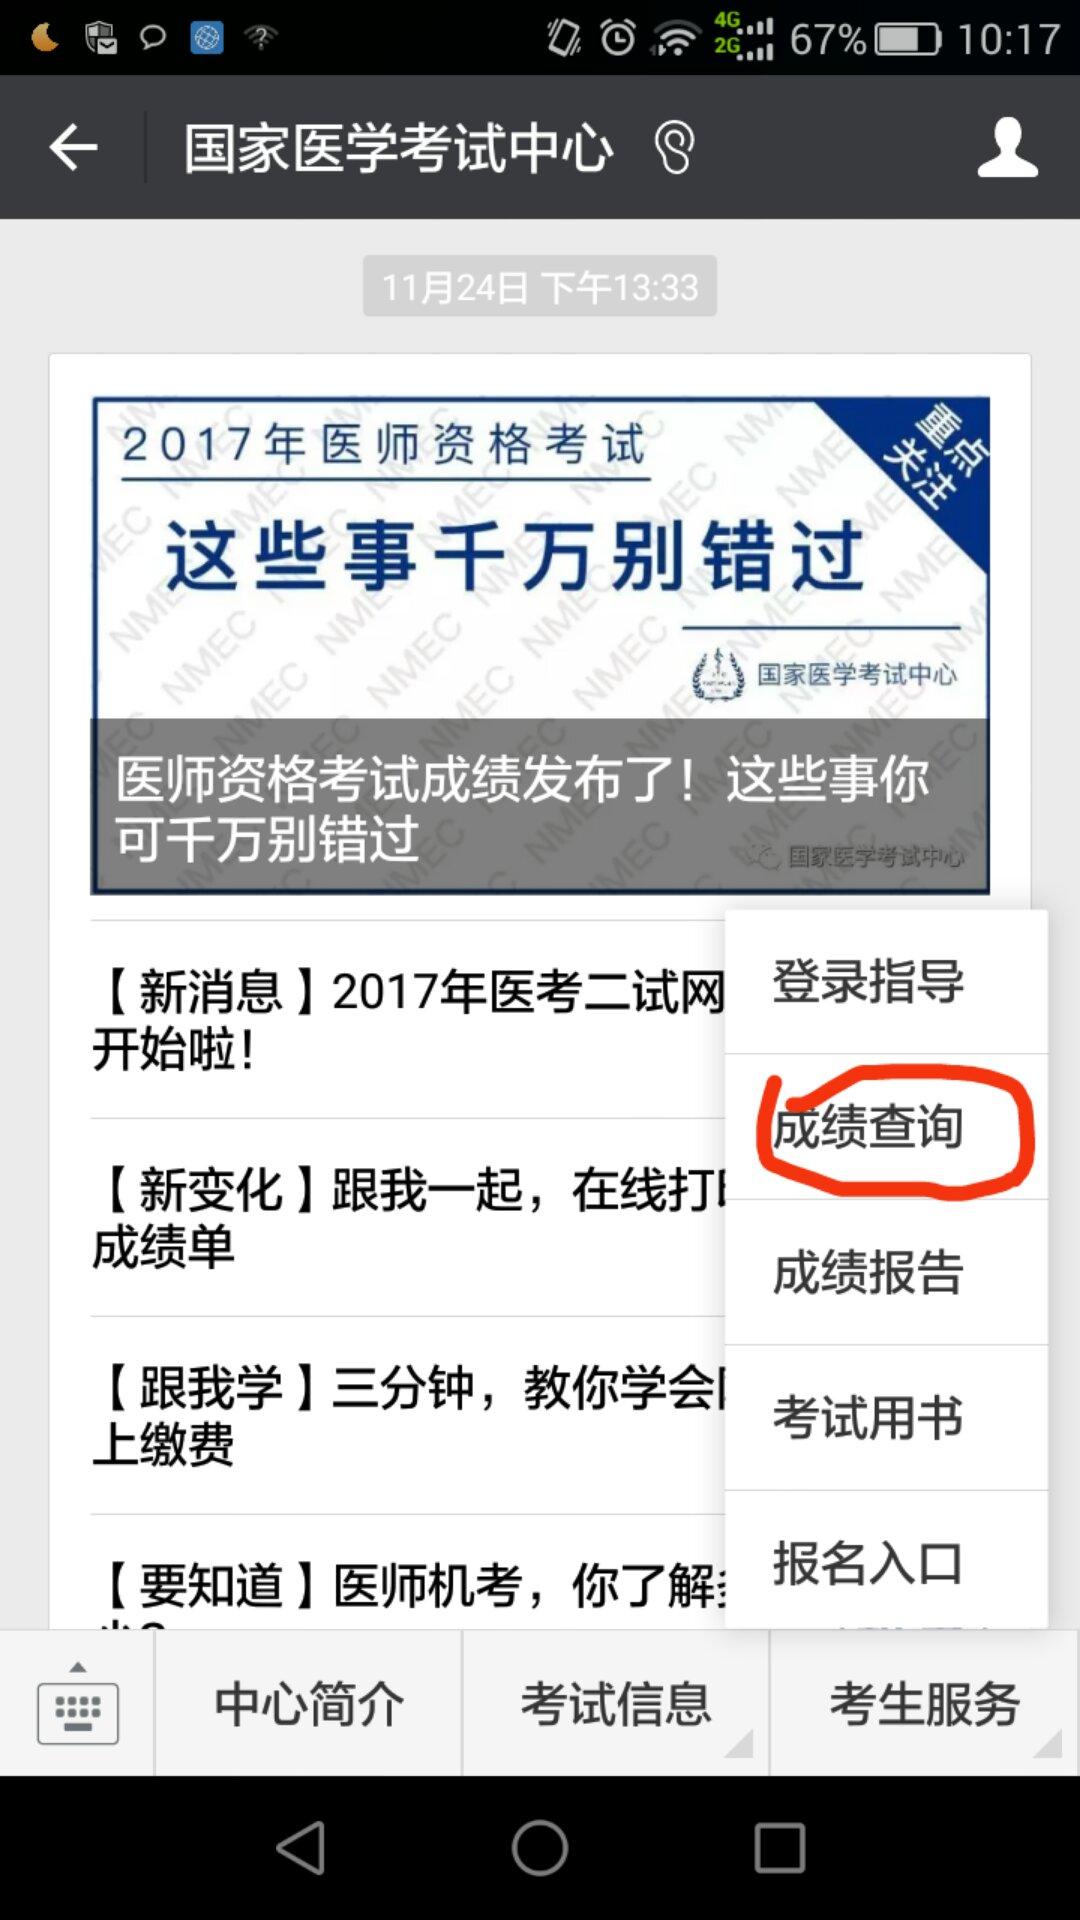 微信查询2017中医助理医师第二试成绩